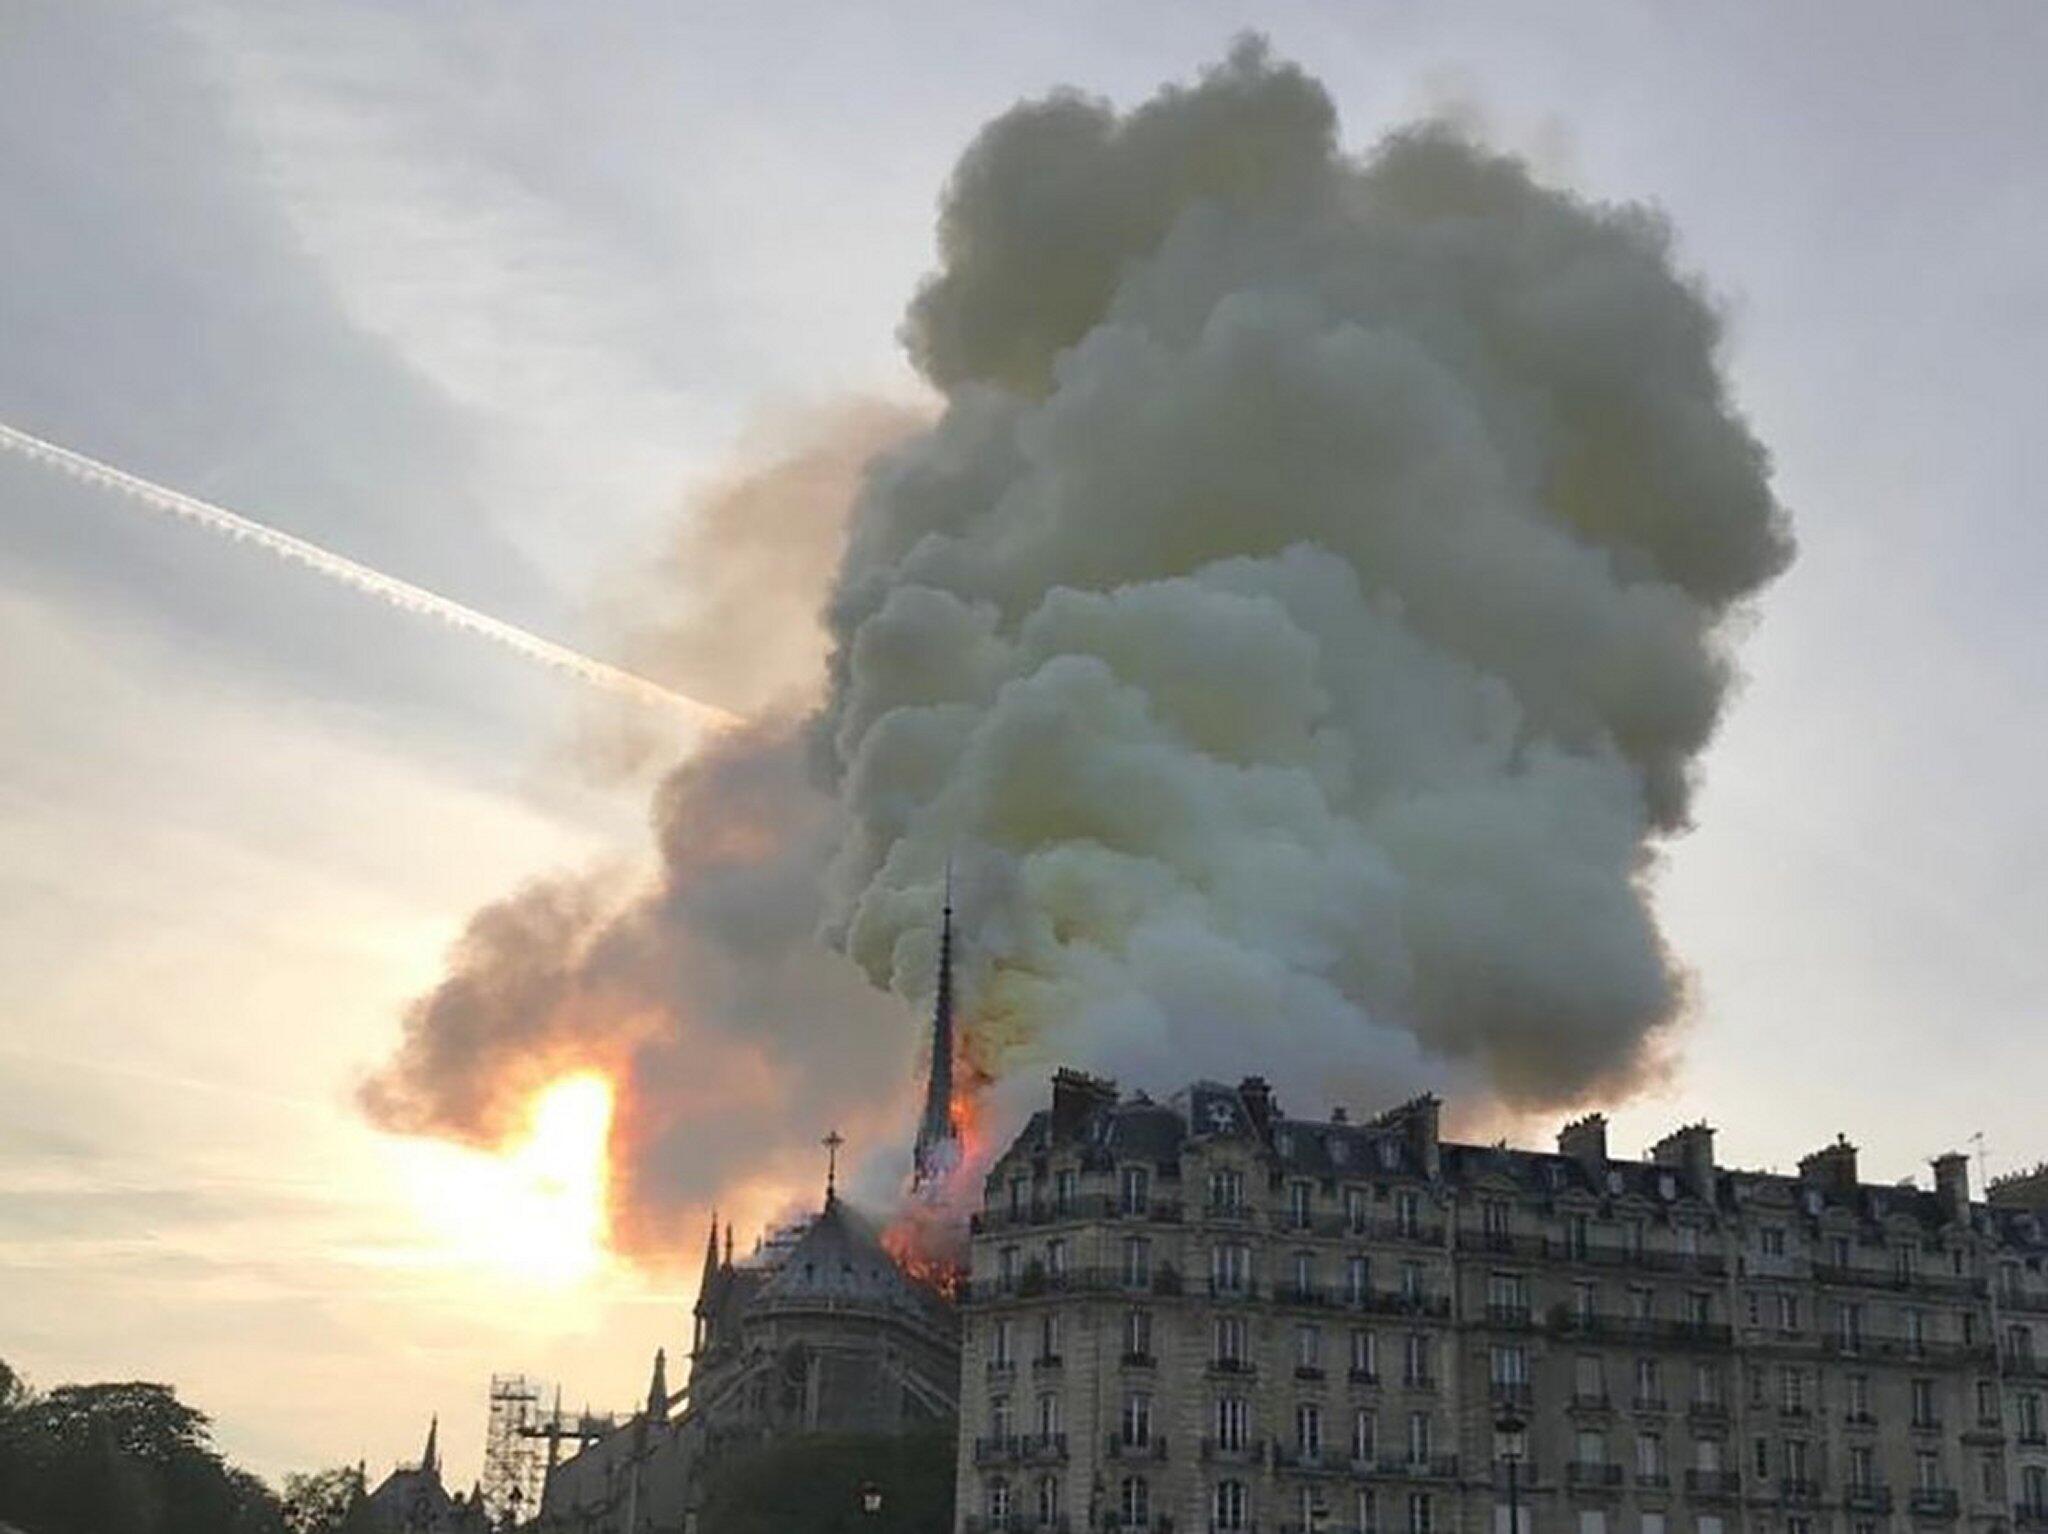 Bild zu Paris Cathedral Notre-Dame on fire